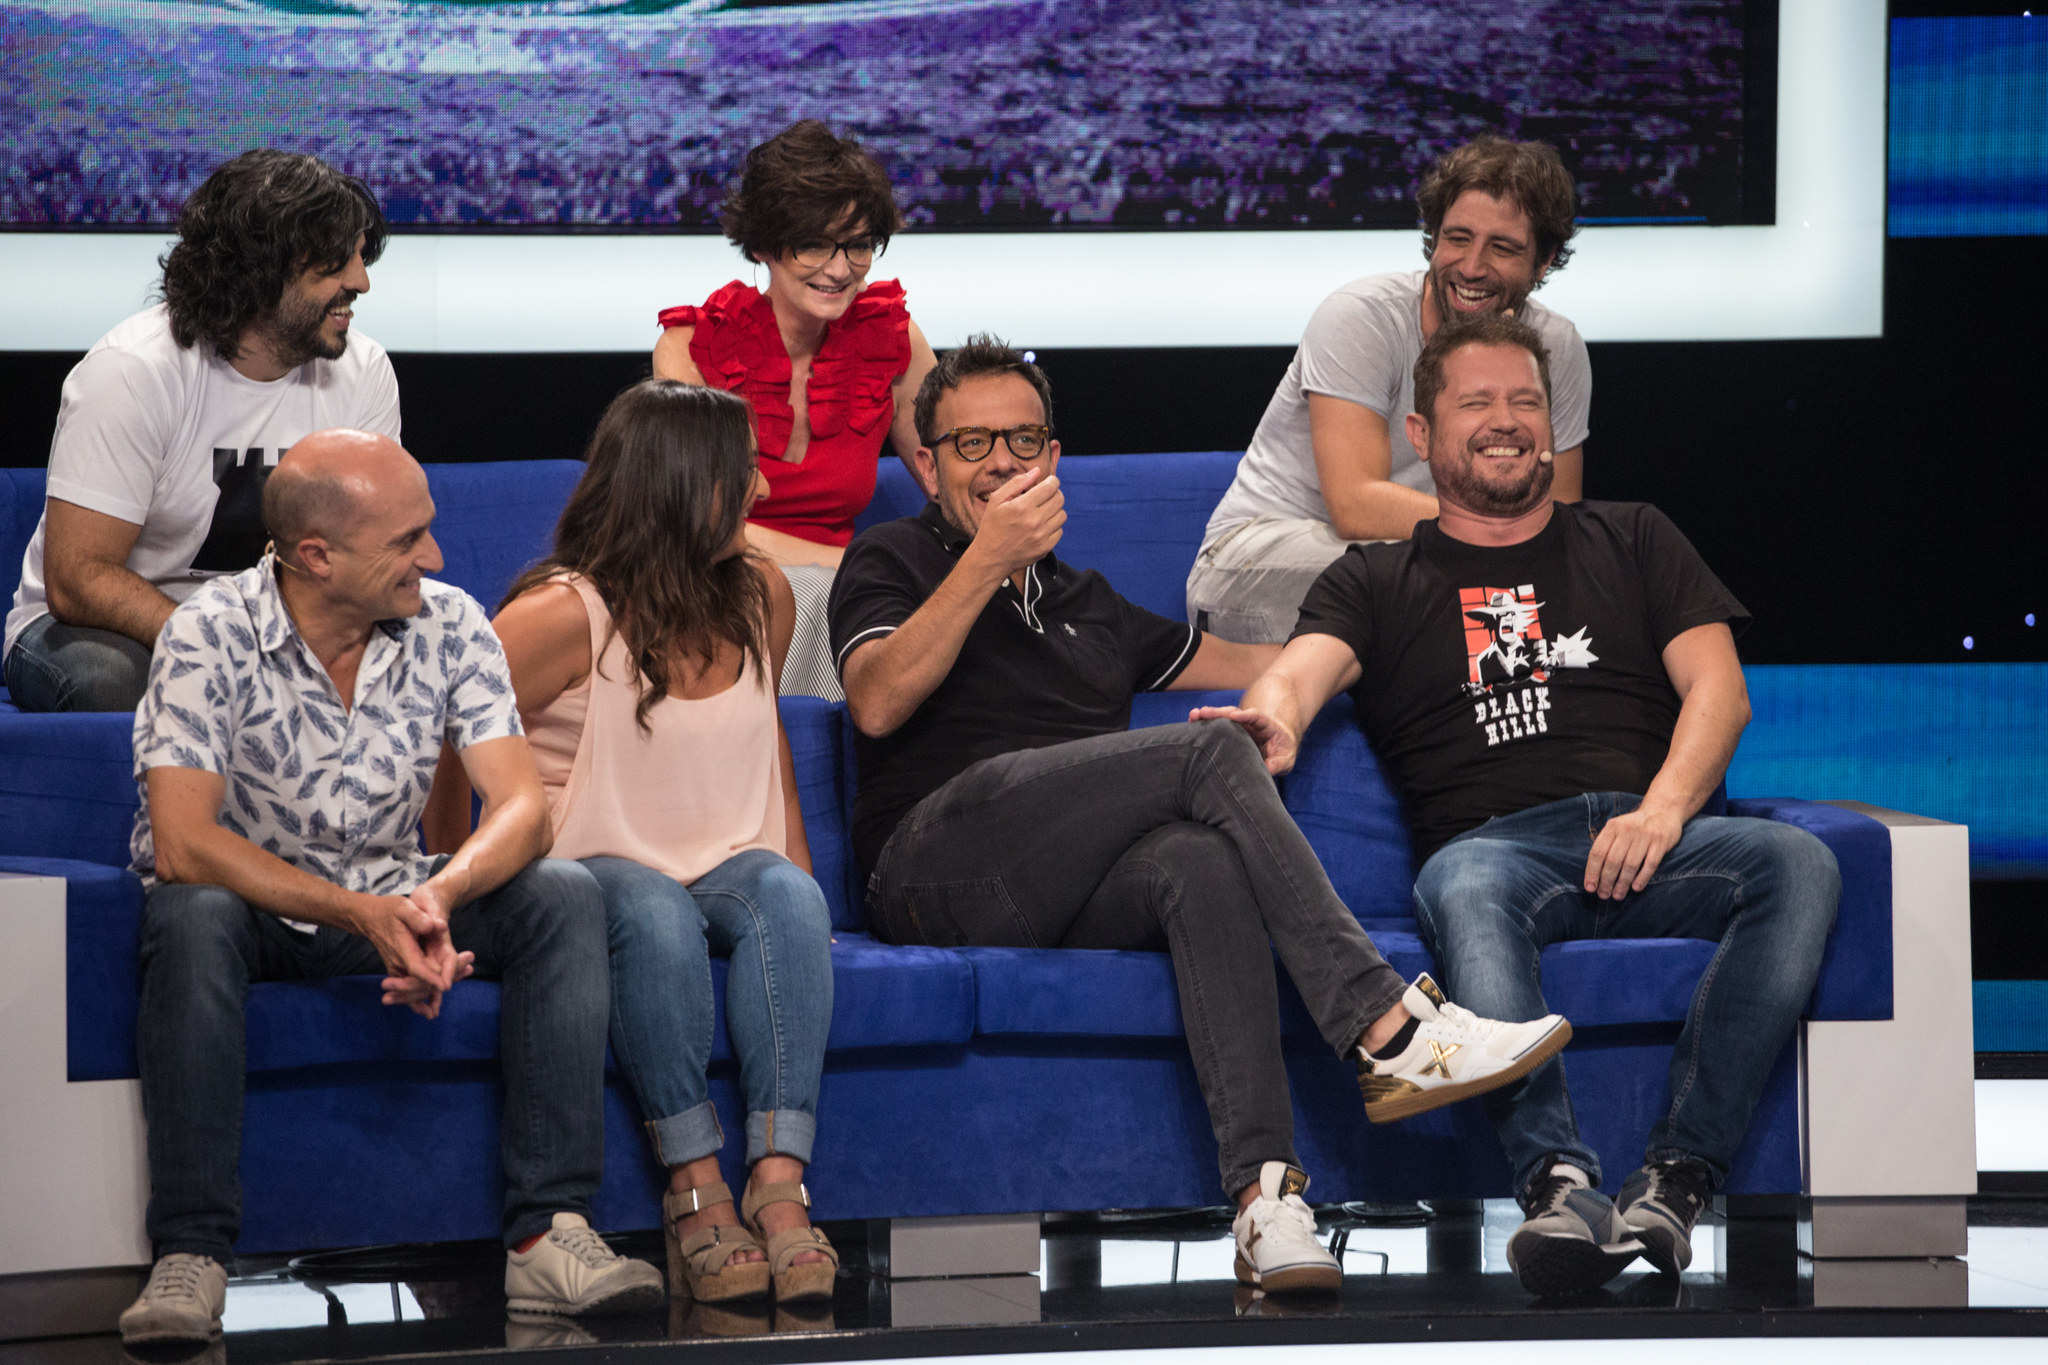 Entrega de 'Me resbala' con Ángel Llàcer, Leo Rivera y Olga Hueso